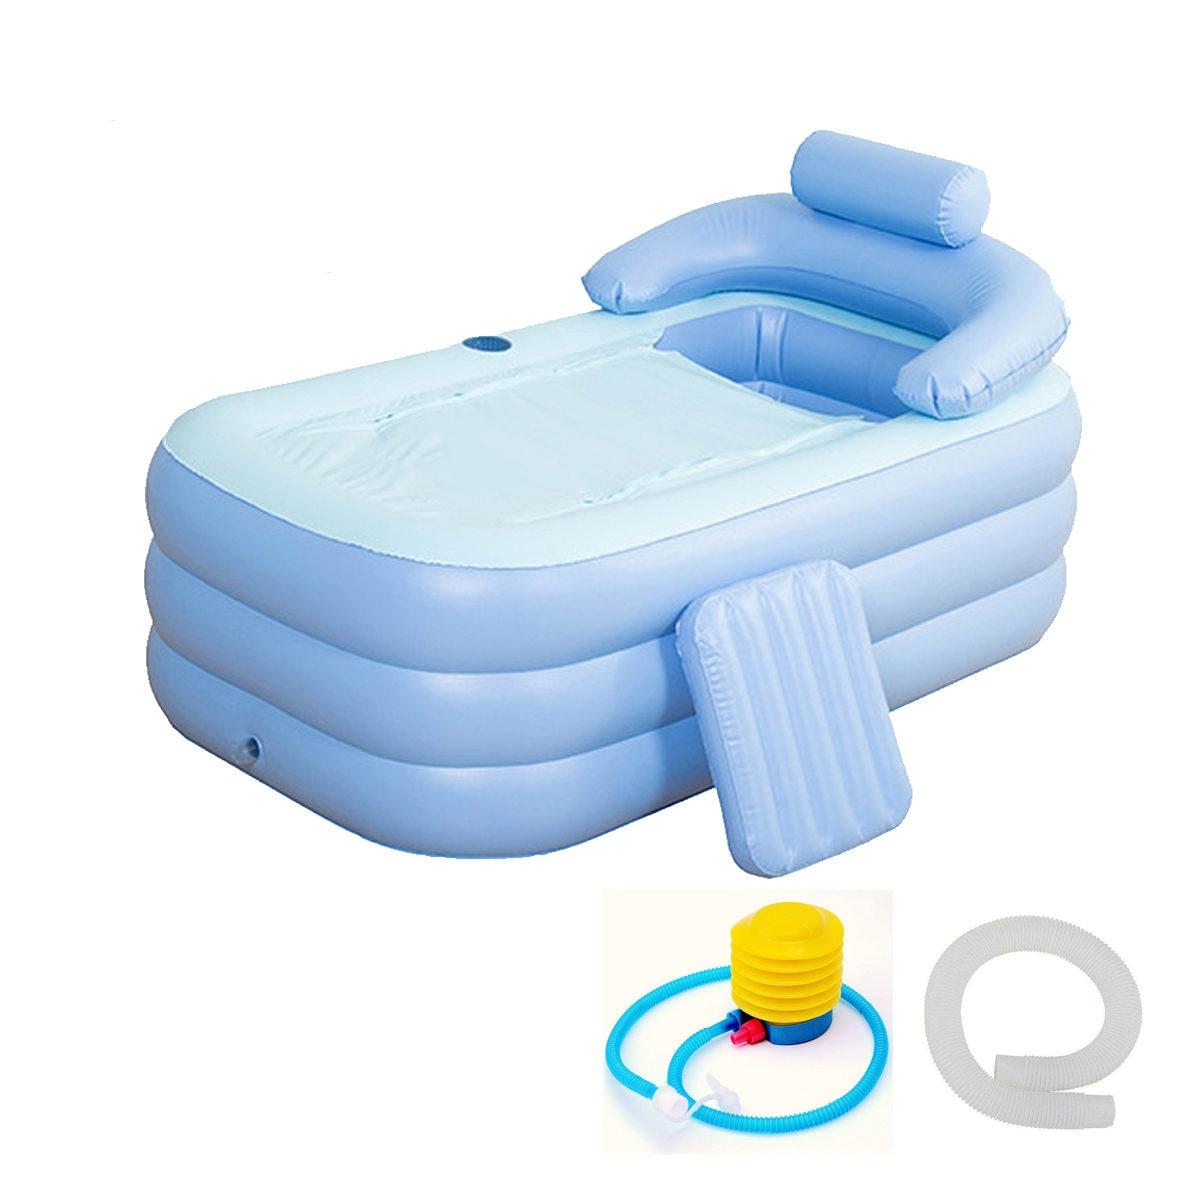 160*84*64 cm bleu grande taille PVC pliant Portable baignoire gonflable pour adultes avec pompe à Air SPA ménage baignoire gonflable